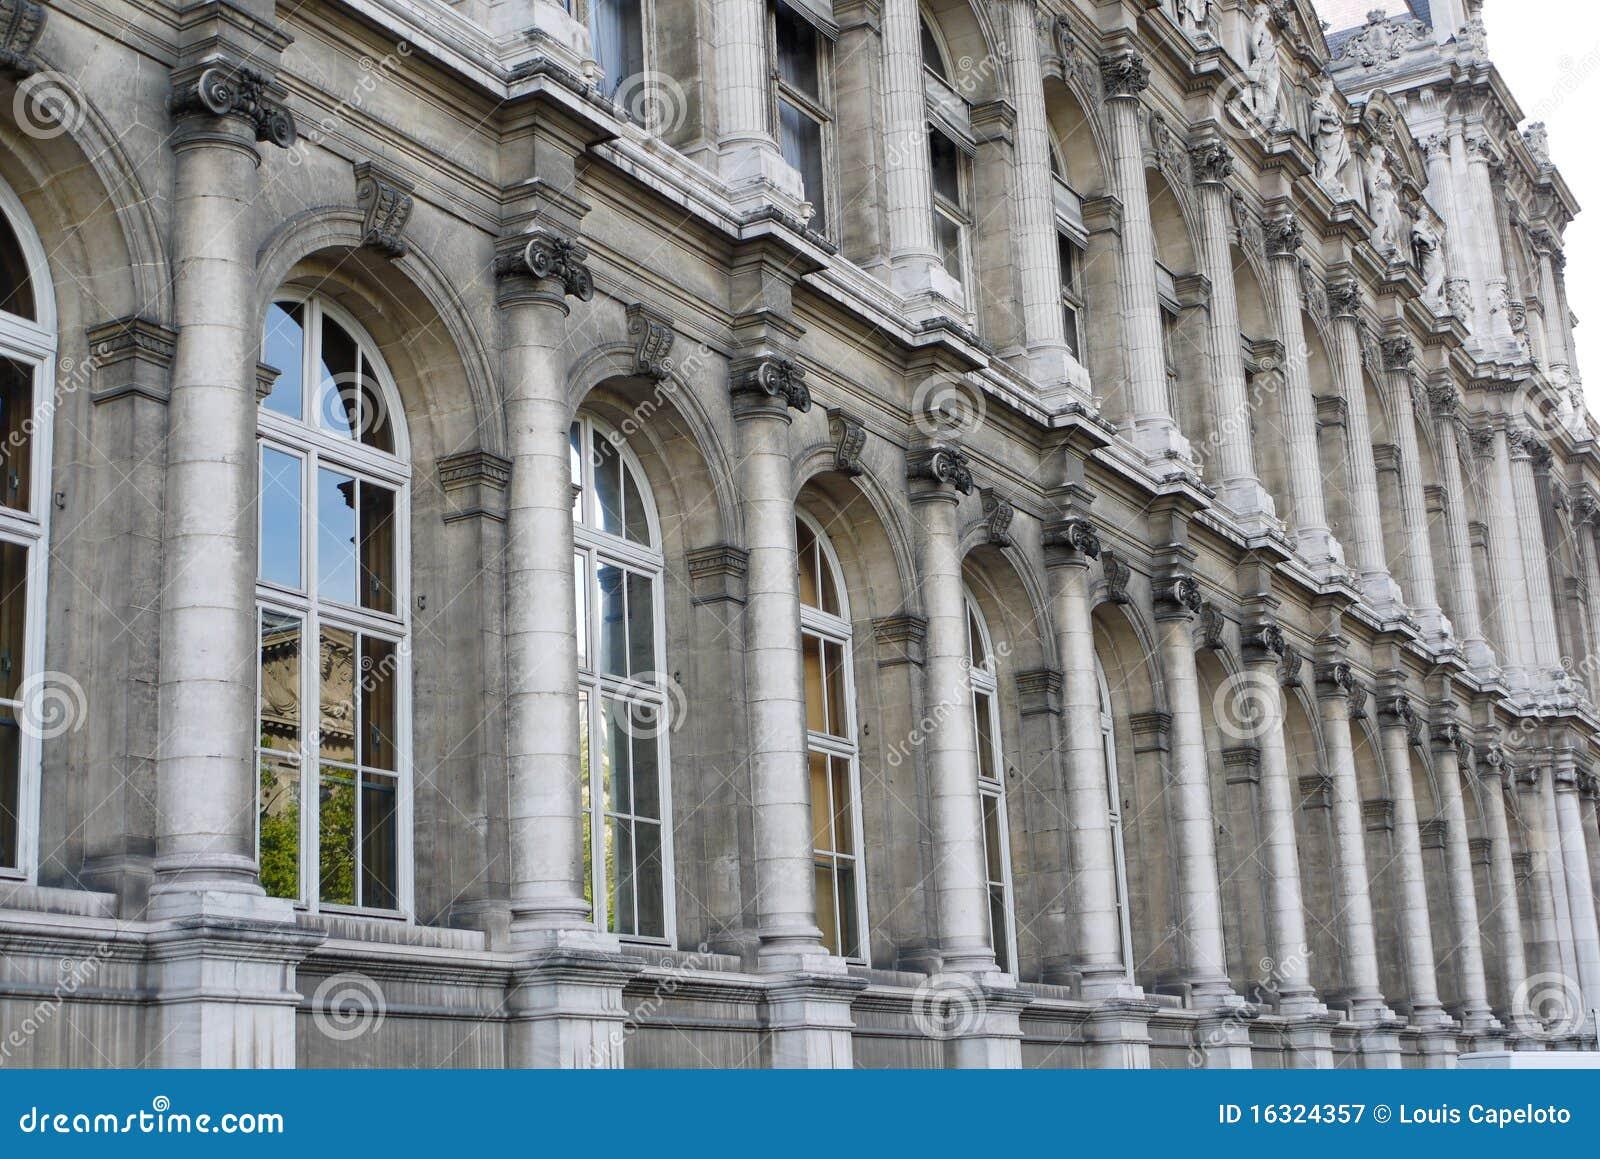 Architettura classica a parigi fotografia stock libera da for Architettura classica